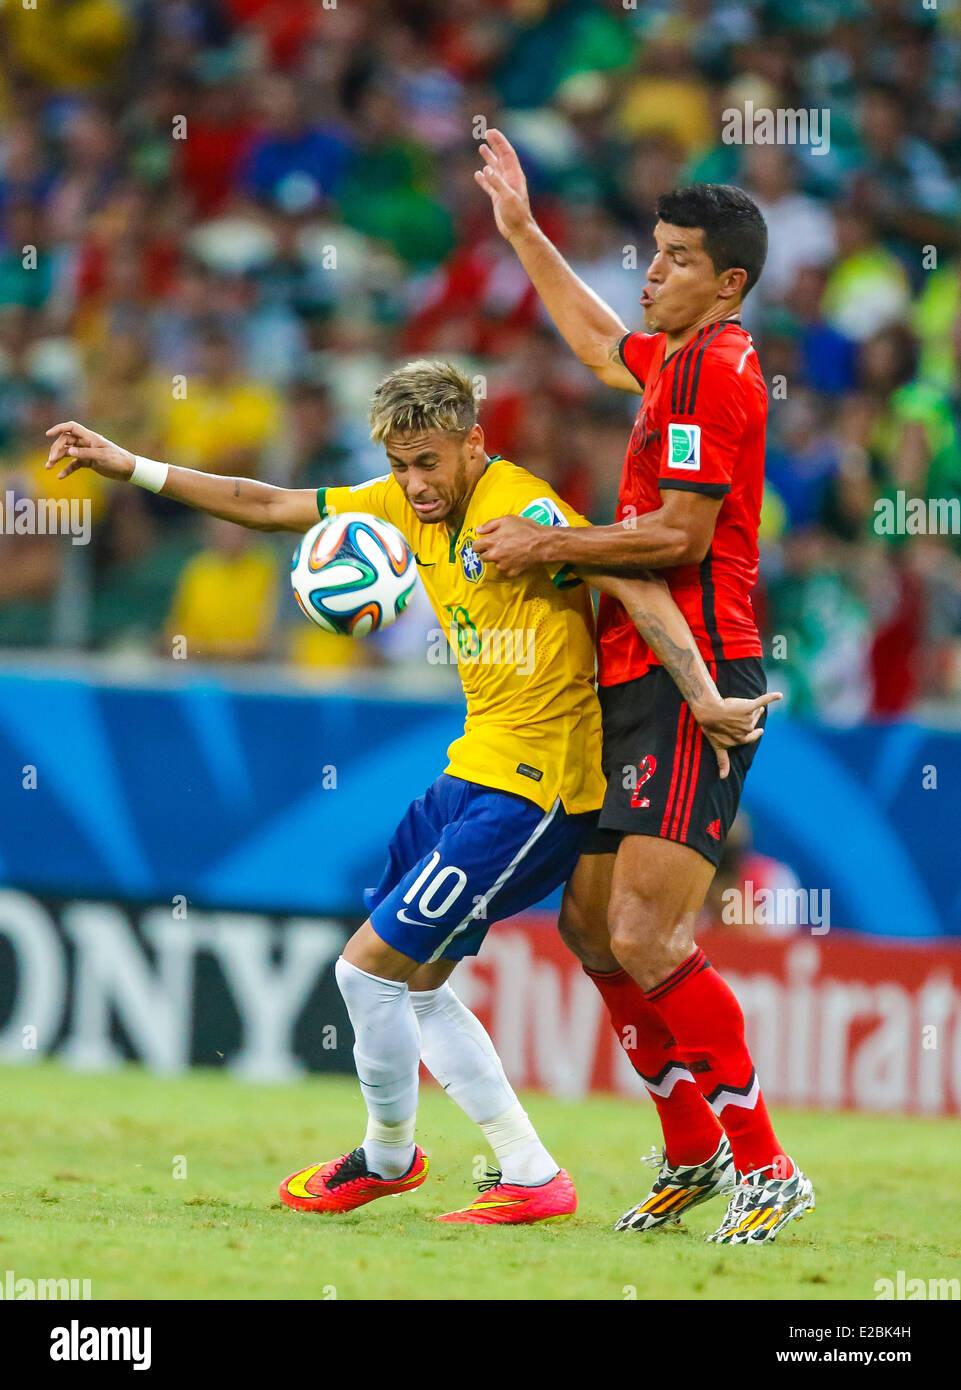 NEYMAR, Bra 10 Zweikampf , Aktion um den Ball gegen MAZA, Mex 2  BRASILIEN - MEXIKO 0-0 FIFA Fussball WM Weltmeisterschaft - Stock Image